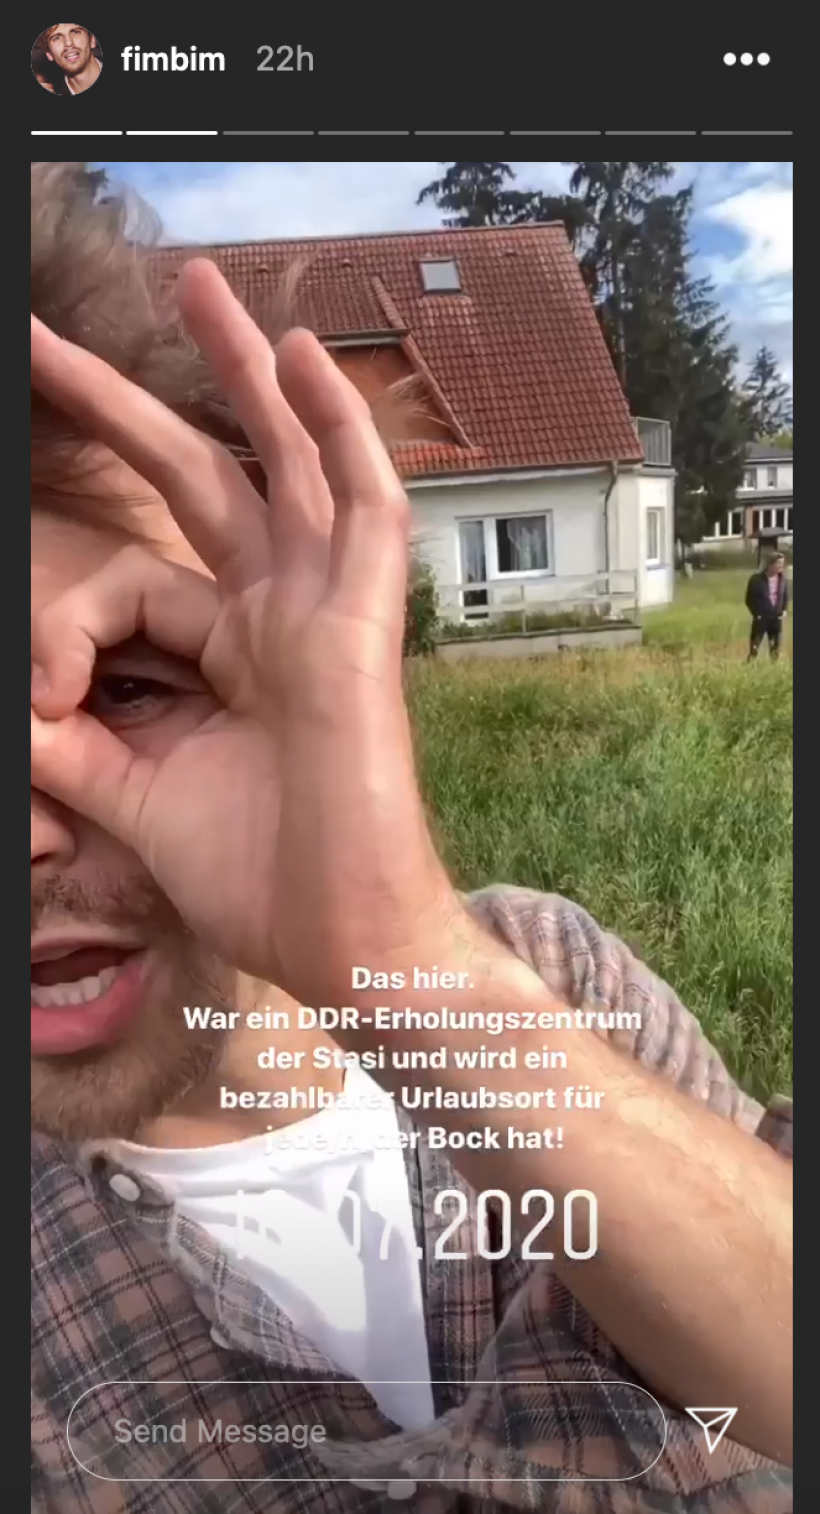 Ferienhaus-X-Fynn-Kliemann.png